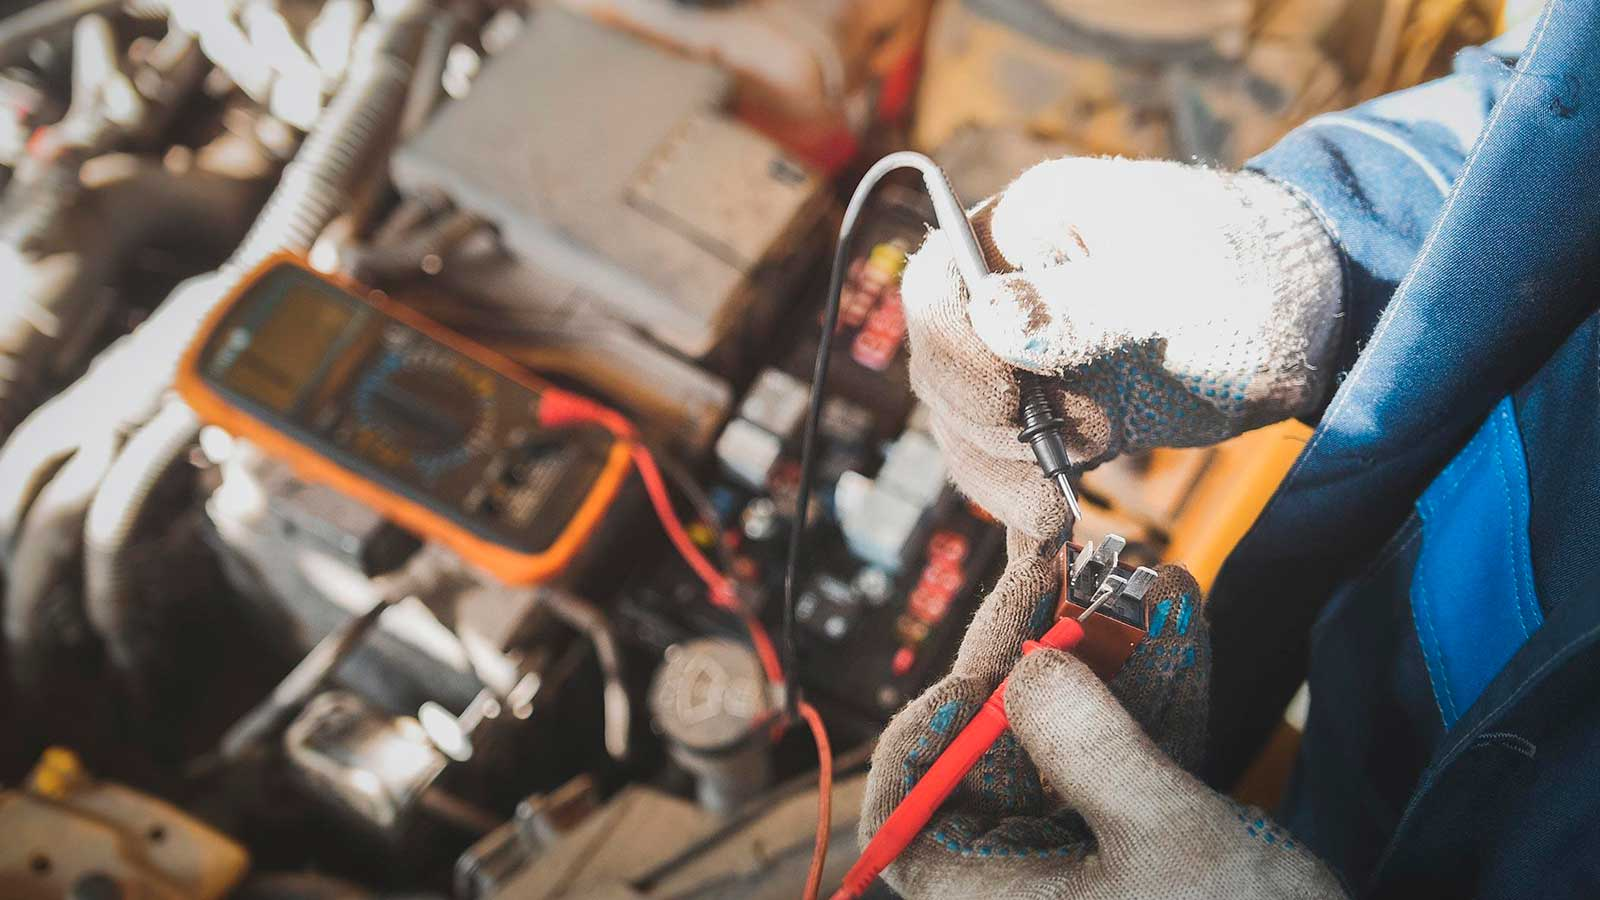 автоэлектрик, ремонт электрооборудования